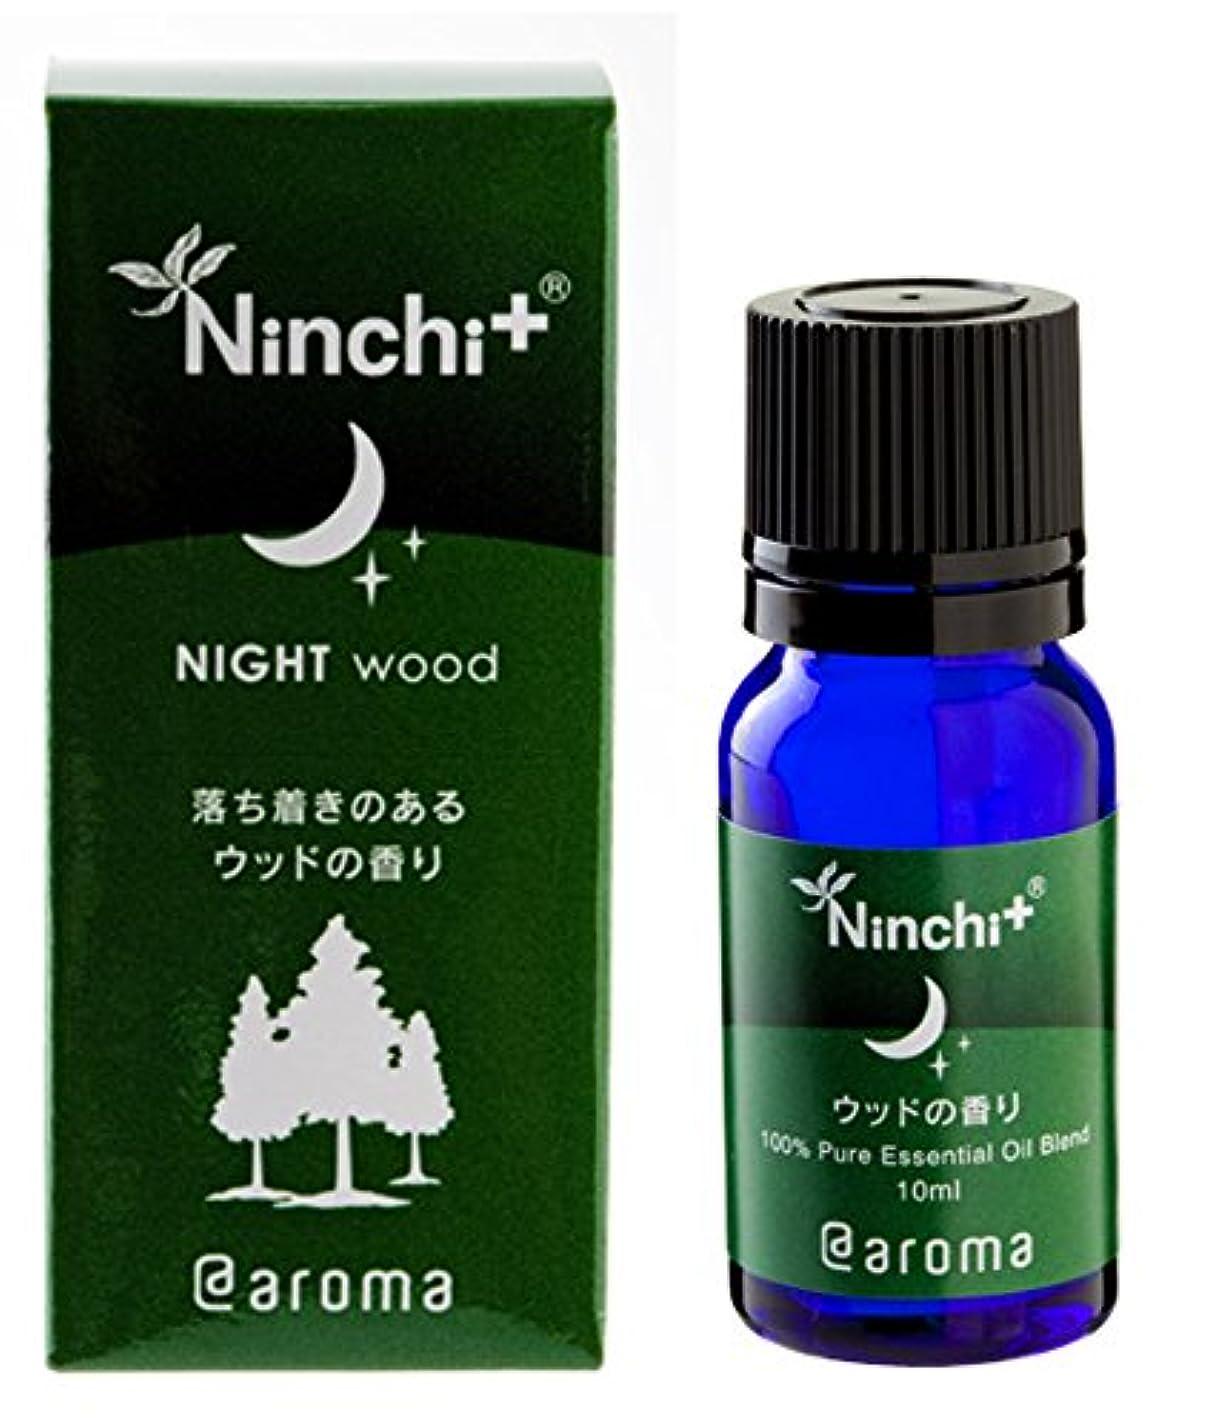 Ninchi+ Night ウッド10ml